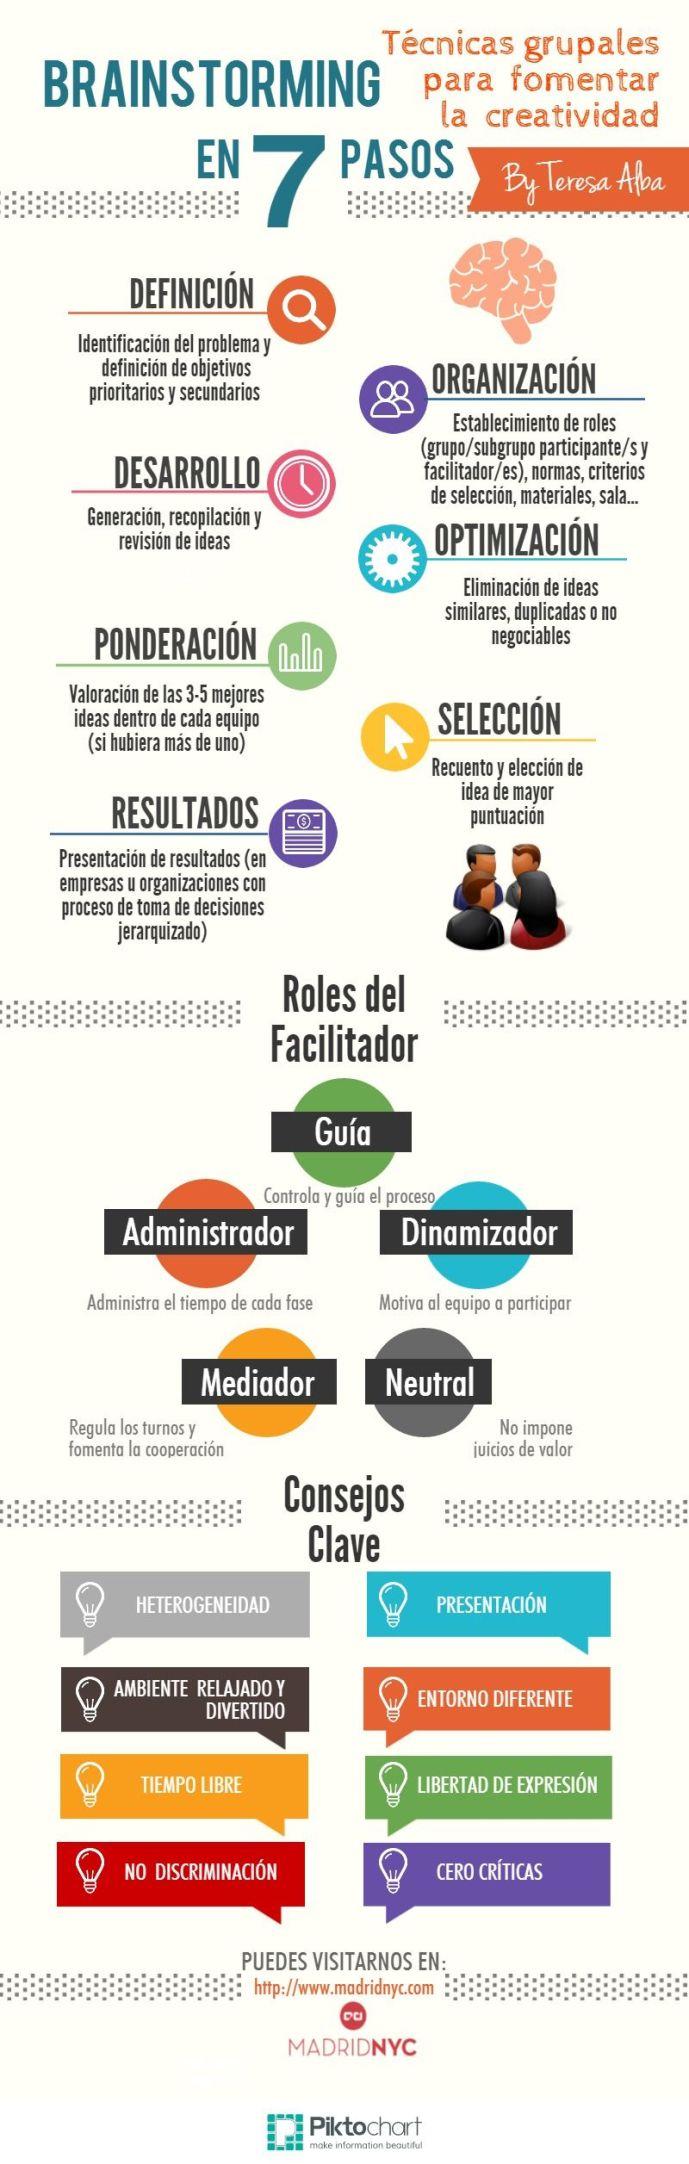 TécnicasGrupalesFomentarCreatividadLluviaIdeas-Infografía-BlogGesvin